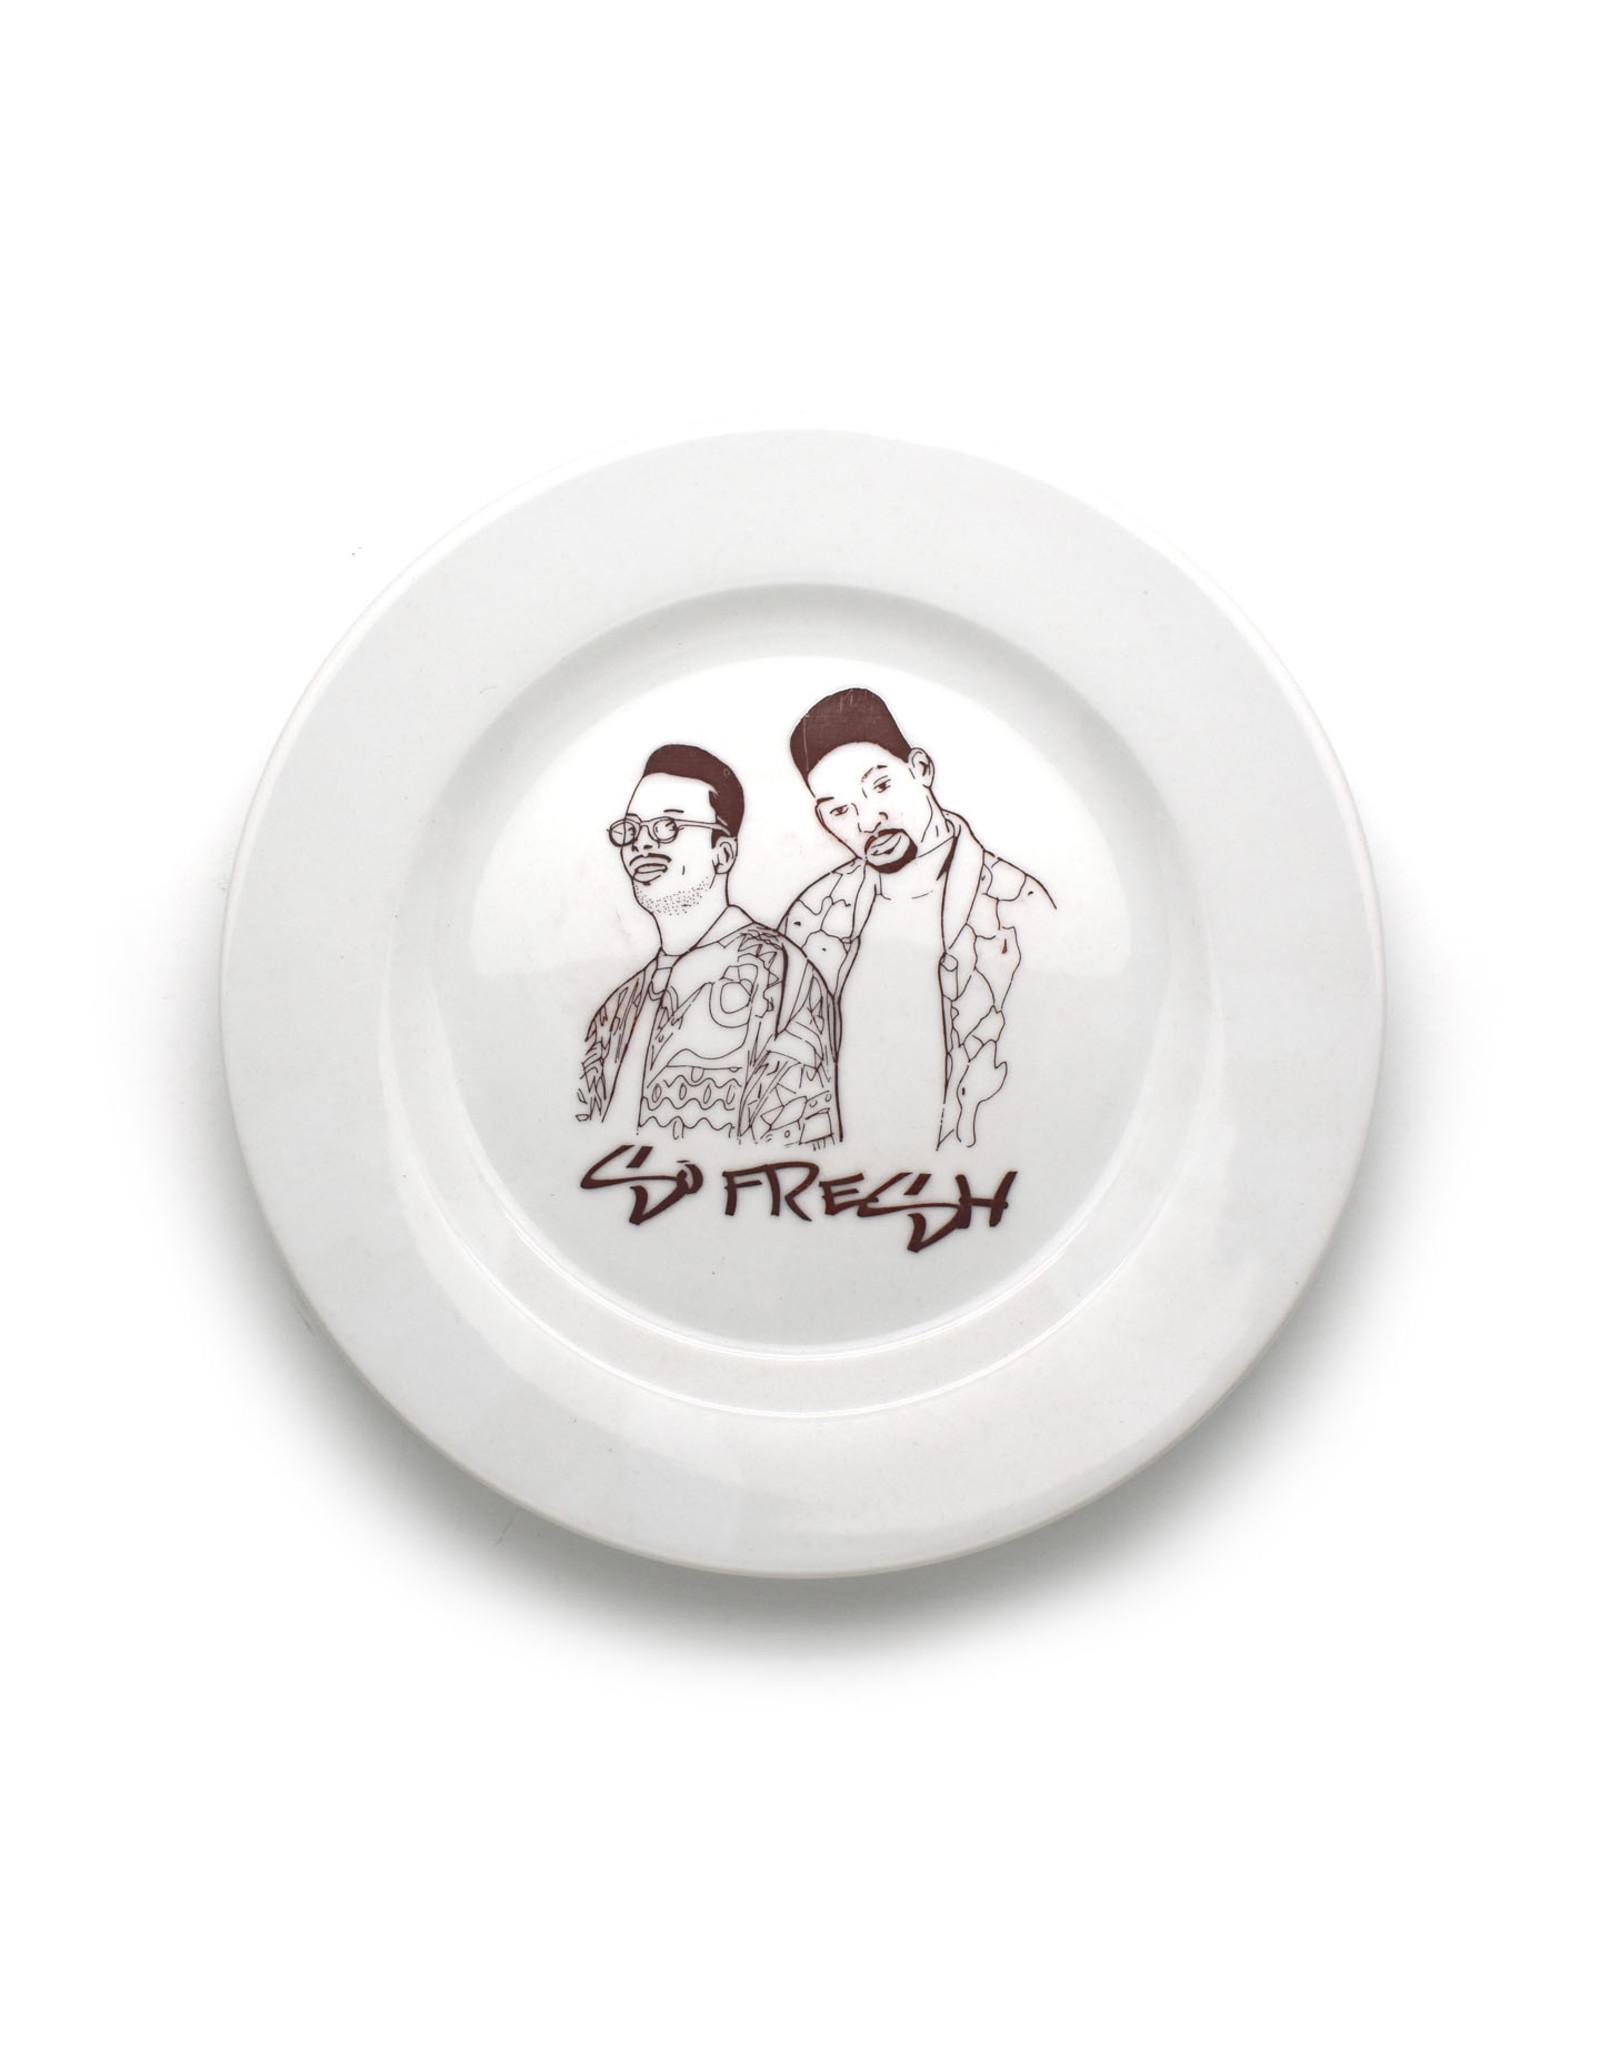 DJ Jazzy Jeff & The Fresh Prince Plate